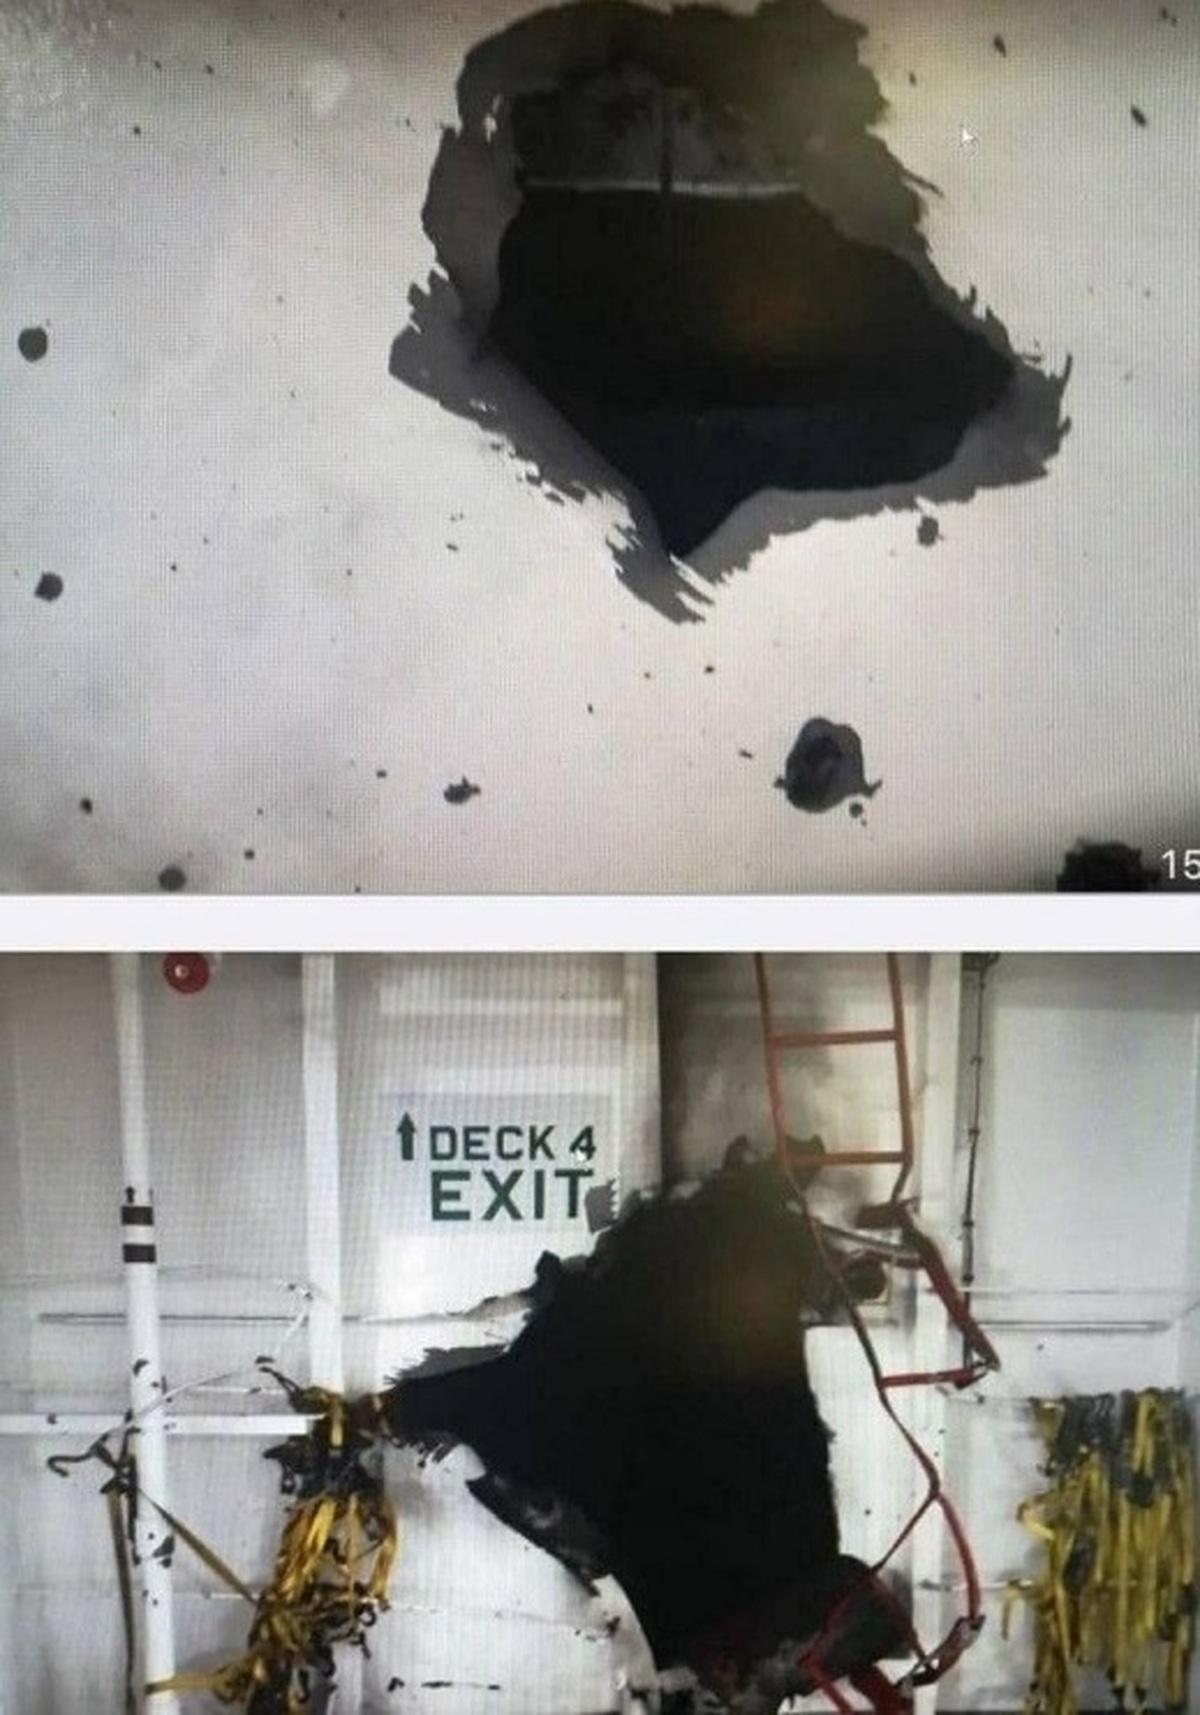 کشتی اسرائیلی سوراخ شد  کشتی اسرائیلی در دریای عمان منفجر شد